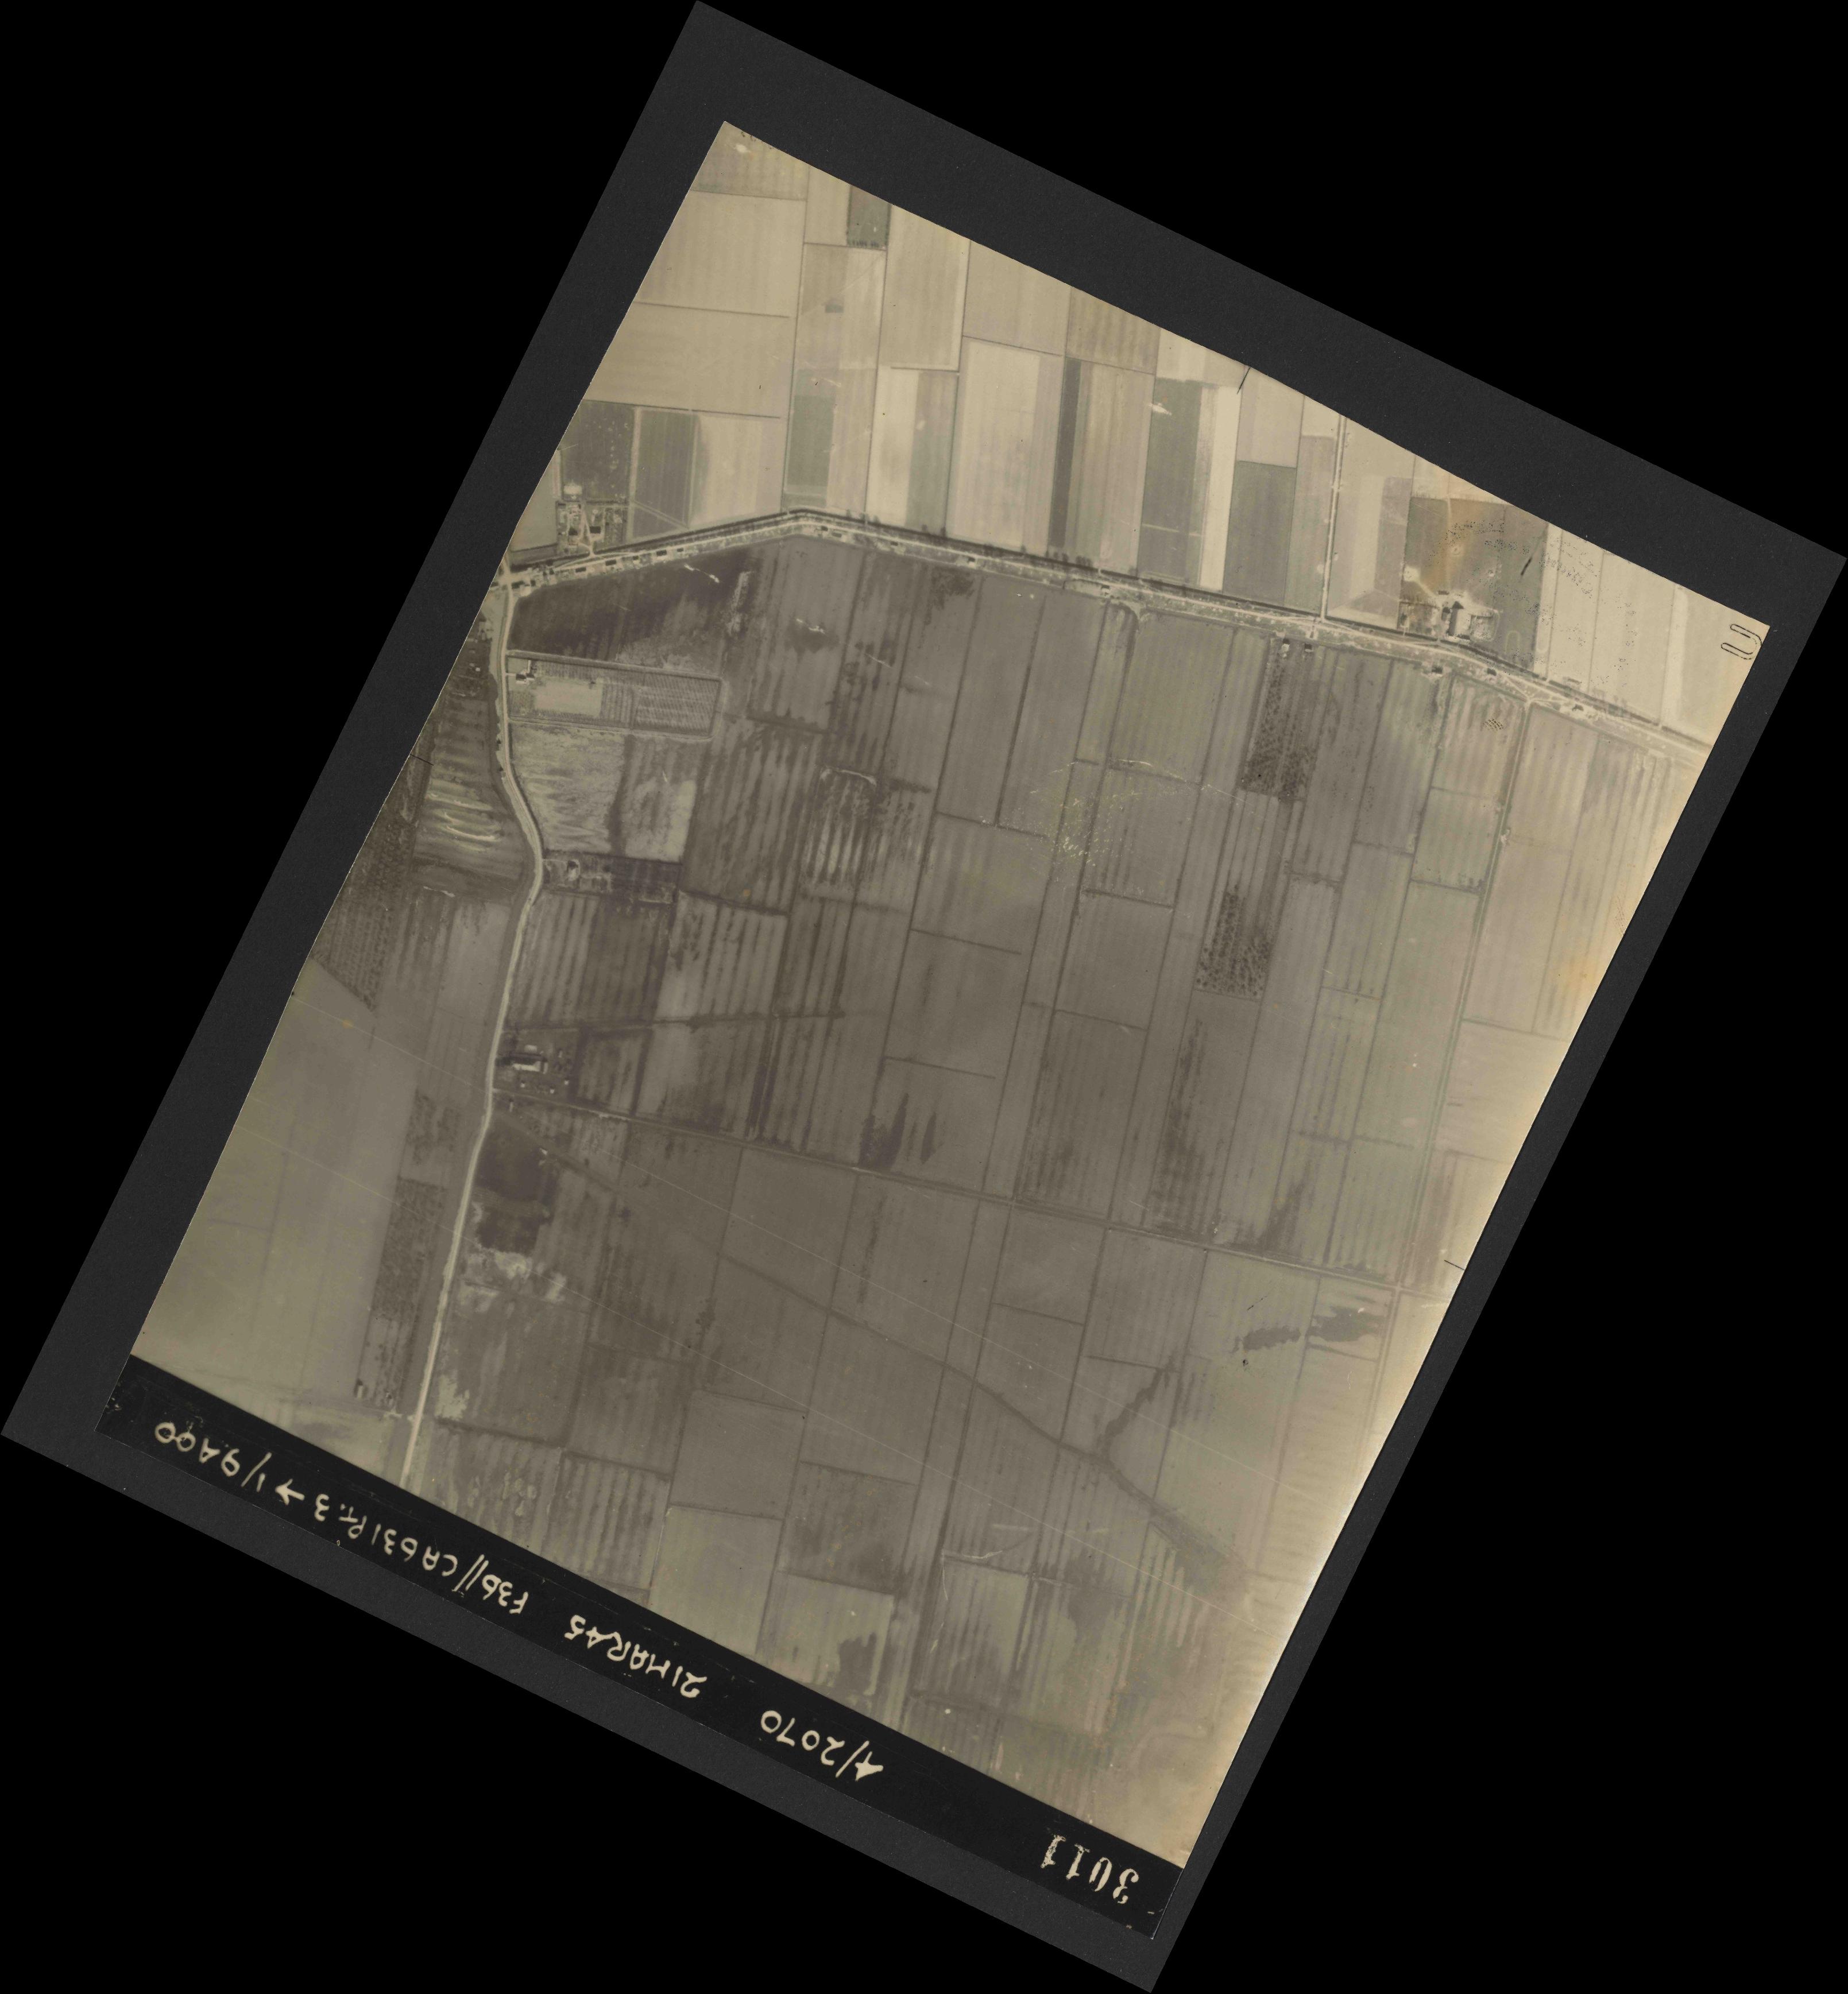 Collection RAF aerial photos 1940-1945 - flight 288, run 10, photo 3011